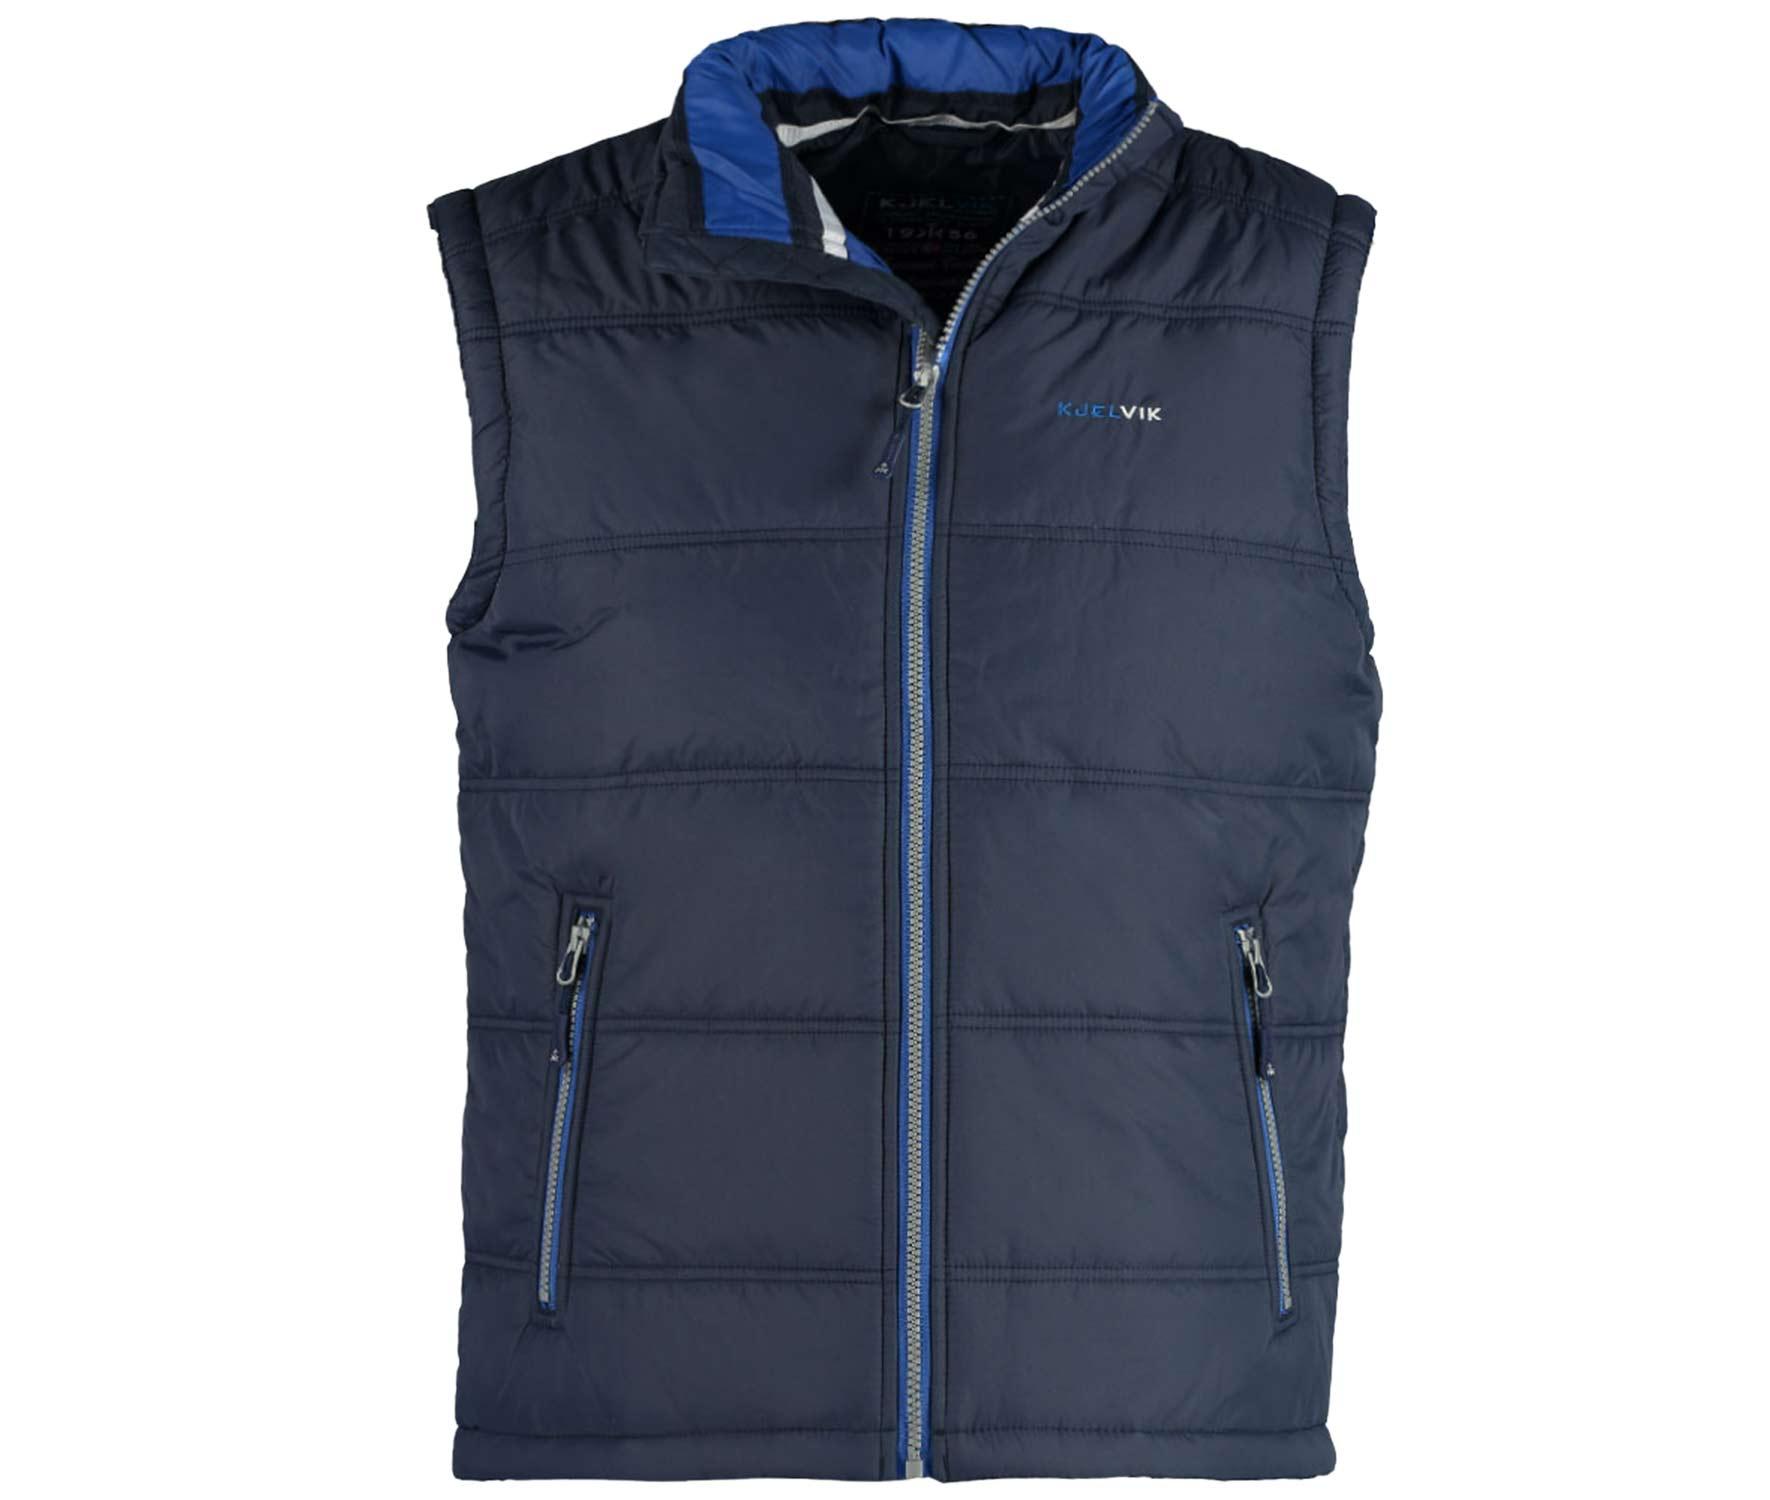 Jacken & Westen für Herren online kaufen › top Marken